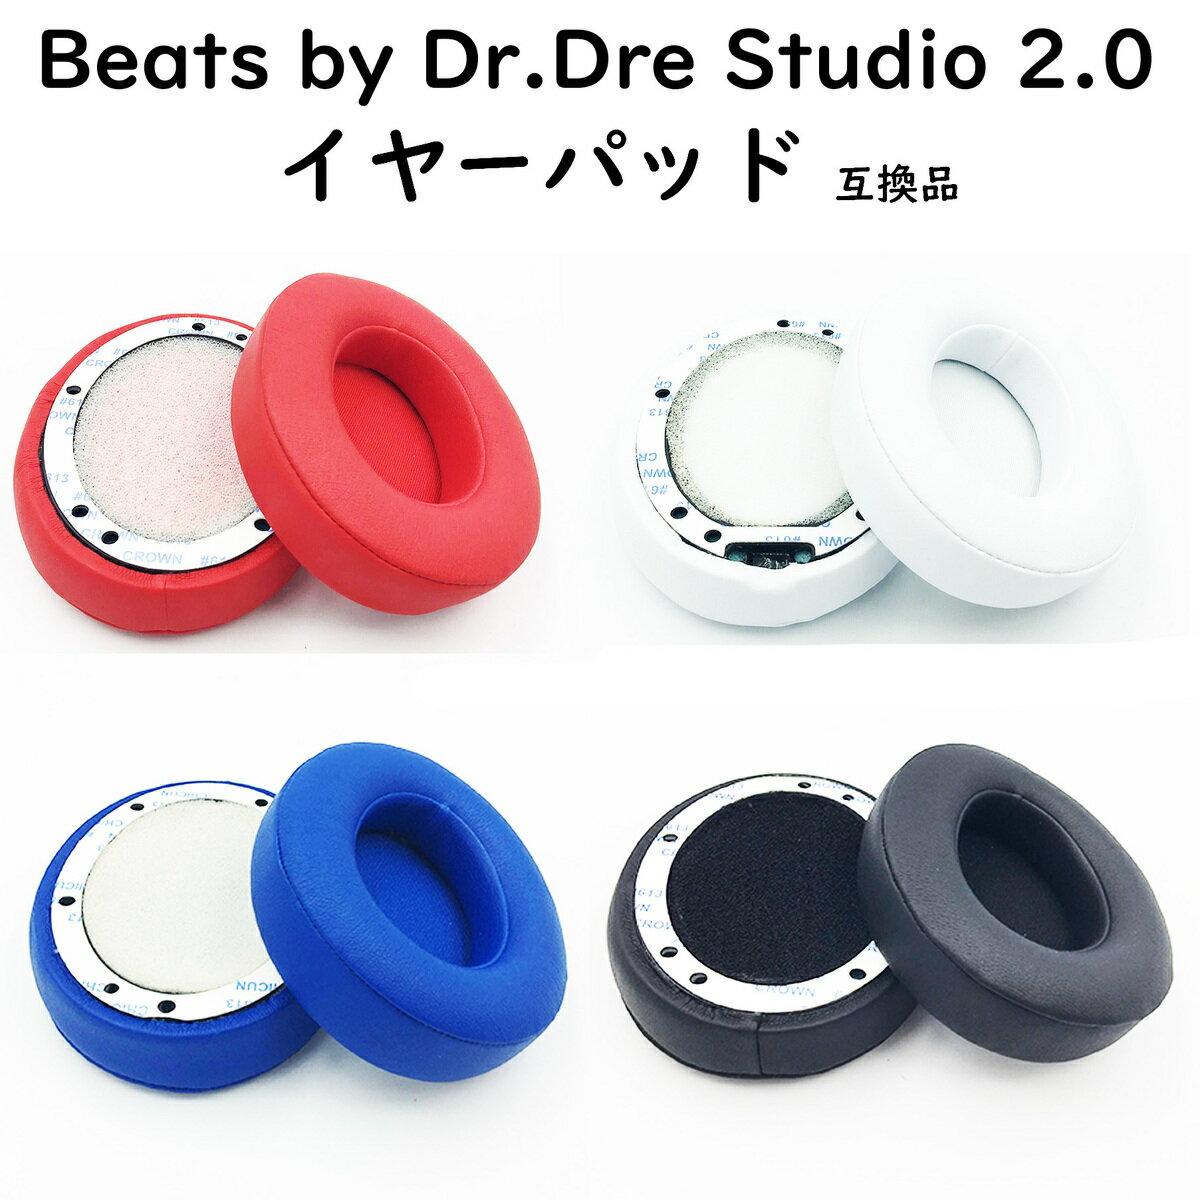 Beats by Dr.Dre Studio 2.0 イヤーパッド